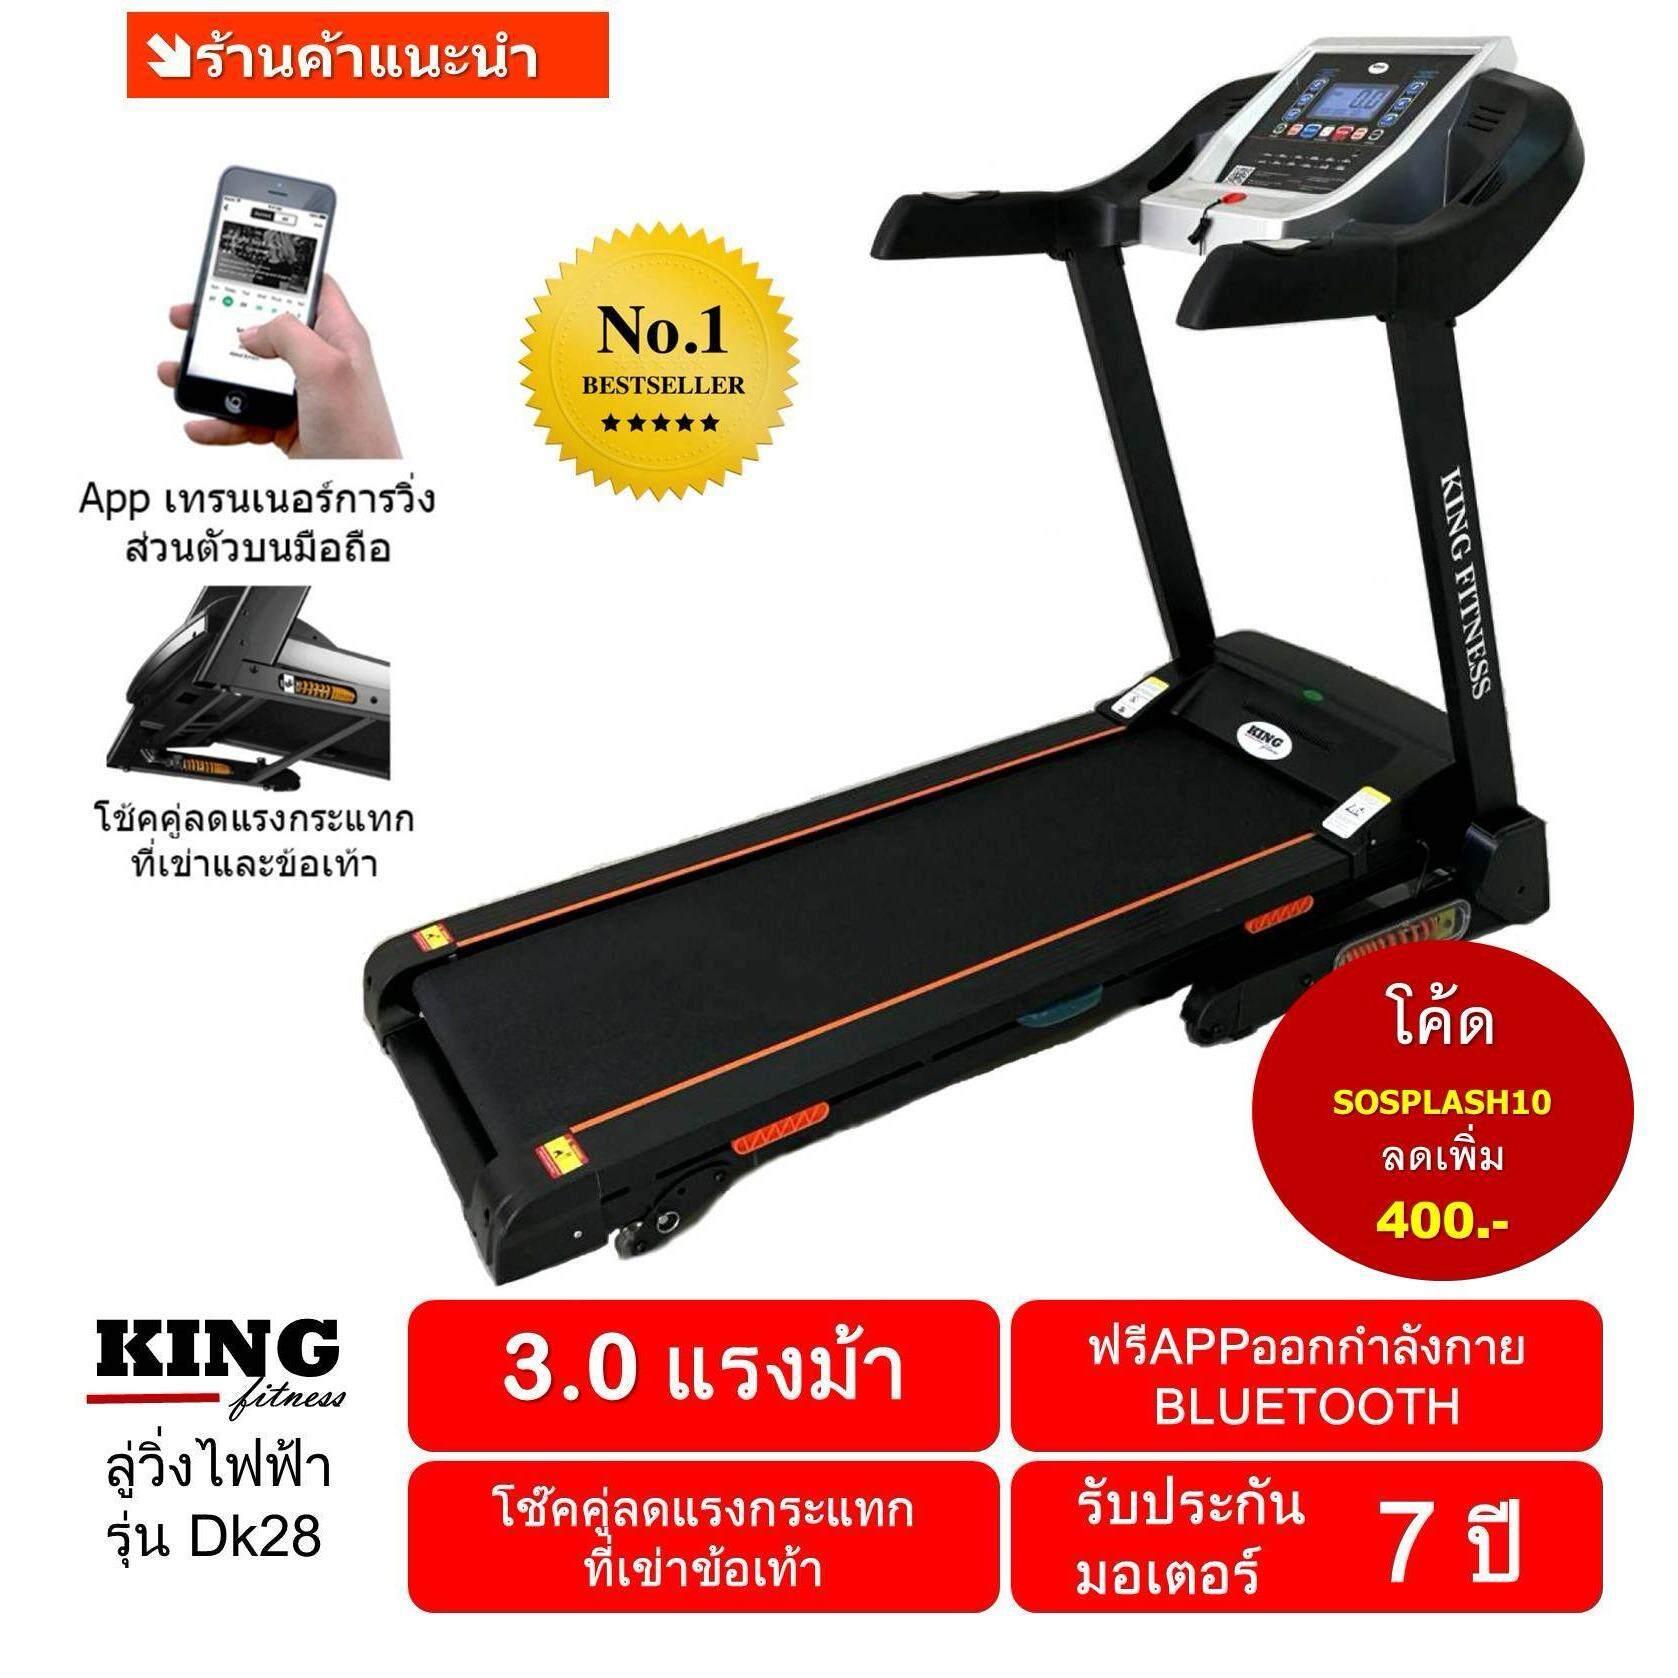 ราคา ลู่วิ่งไฟฟ้า3 0แรงม้า พร้อมระบบโช๊คคู่ Kf Dk28 ระบบเชื่อมต่อBluetooth ใน กรุงเทพมหานคร